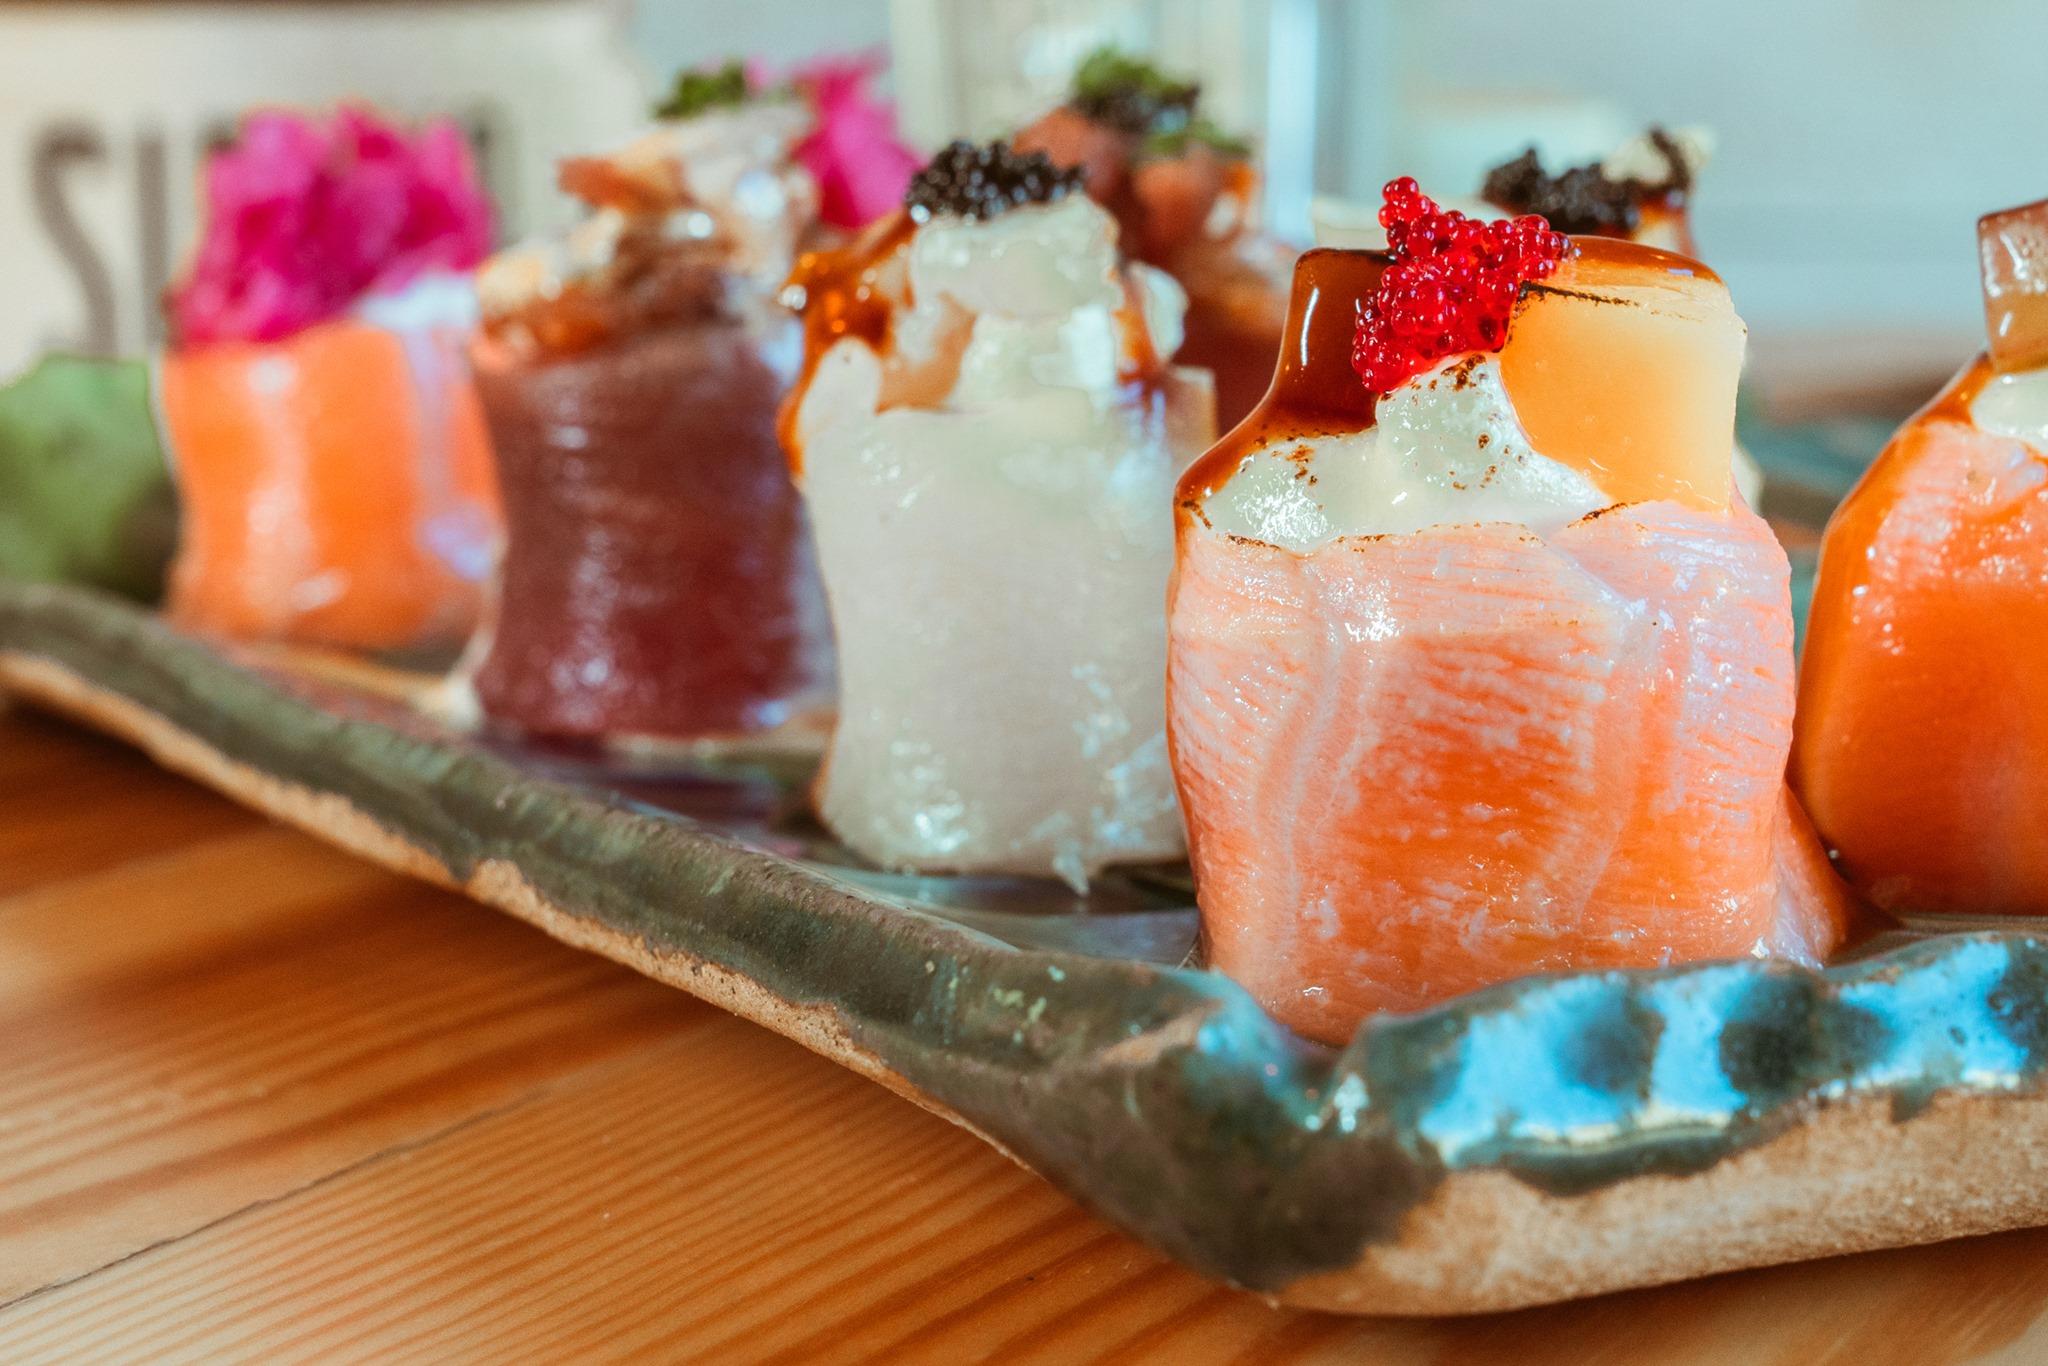 Restaurante japonés nuevo Zaragoza